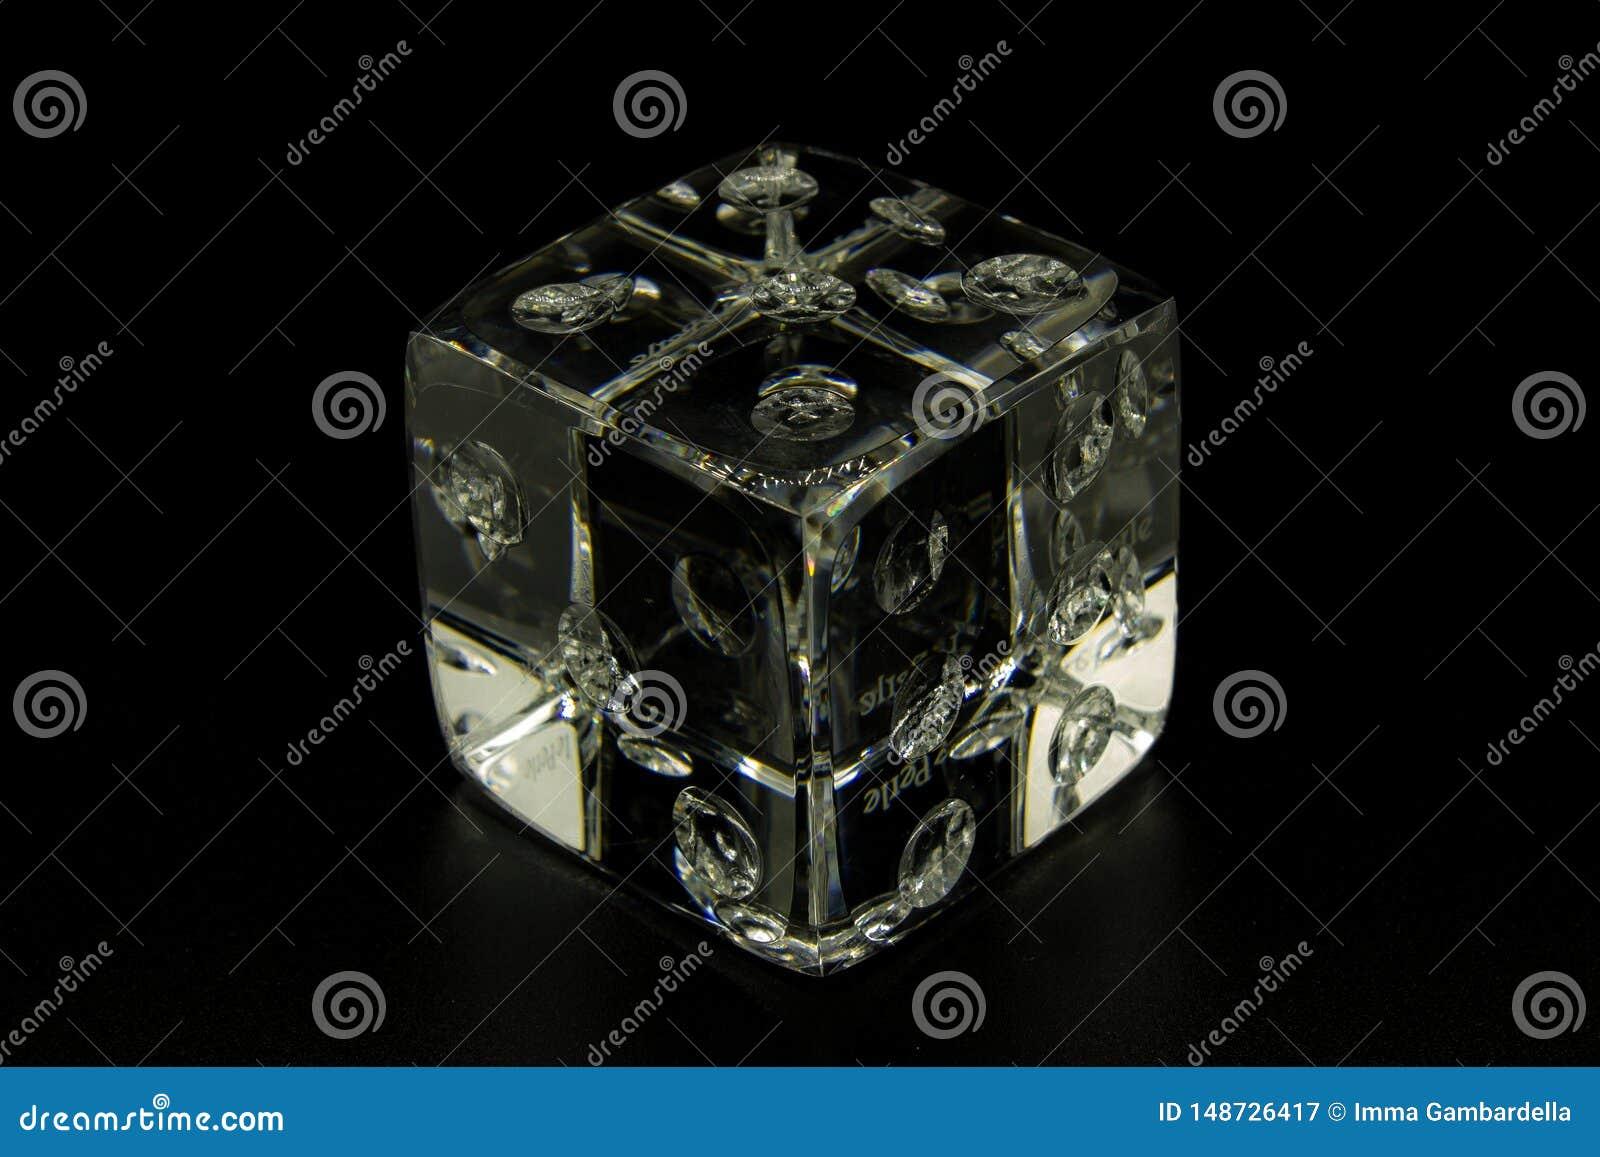 赌博模子由玻璃制成在黑背景,强调透明度